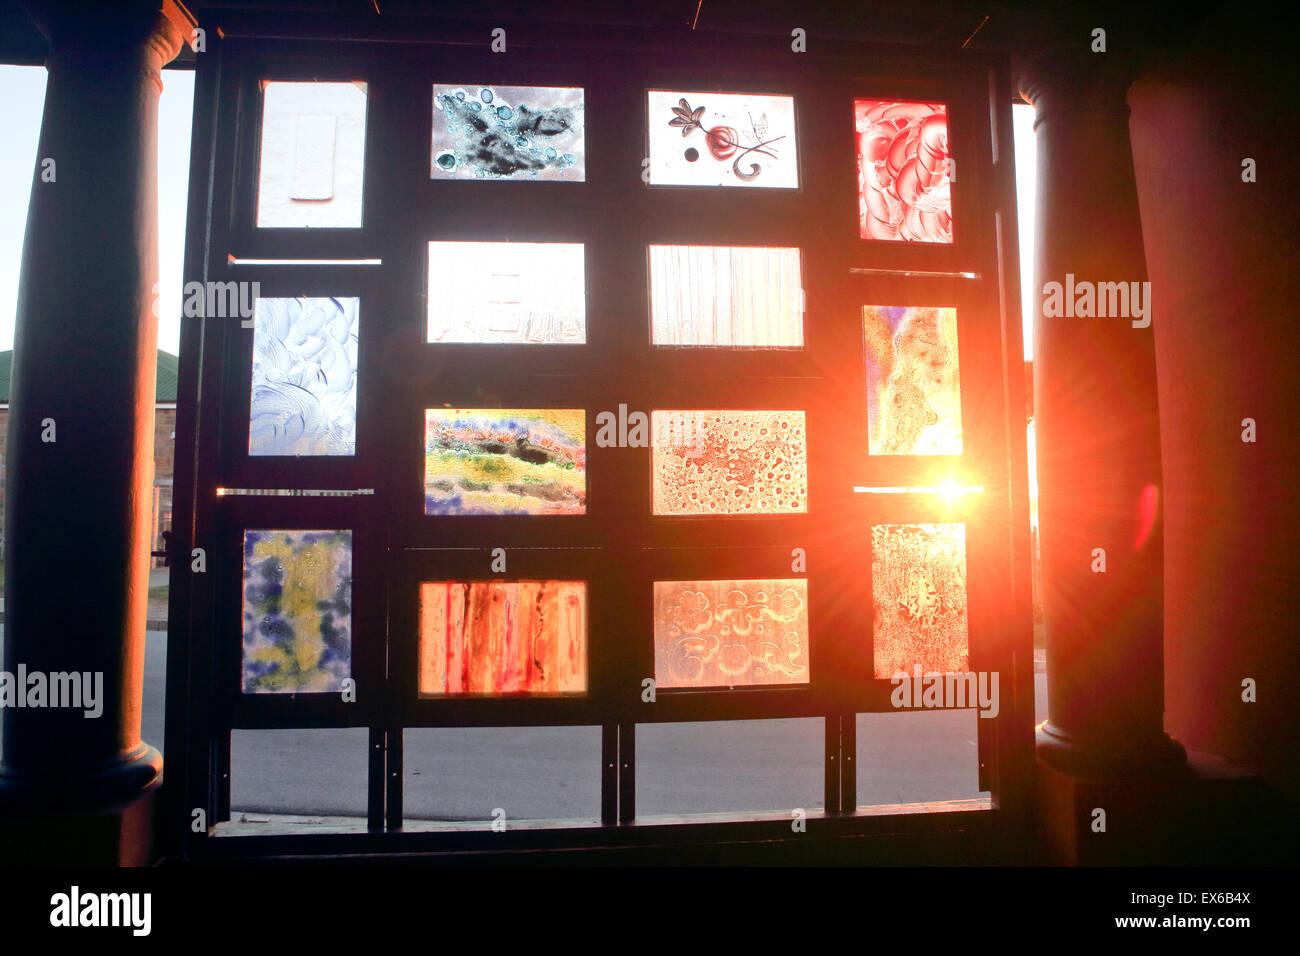 Ambiente de luz del atardecer pasando por magníficas vidrieras Imagen De Stock